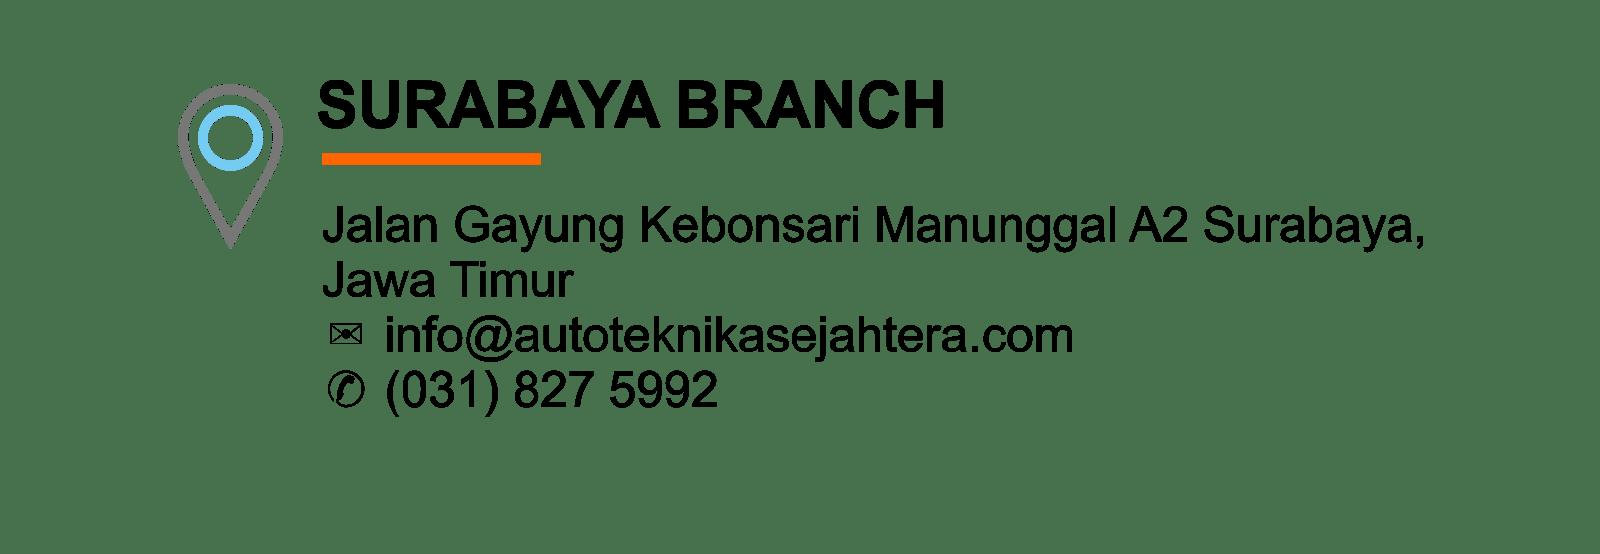 PT. Himawan Putra Surabaya